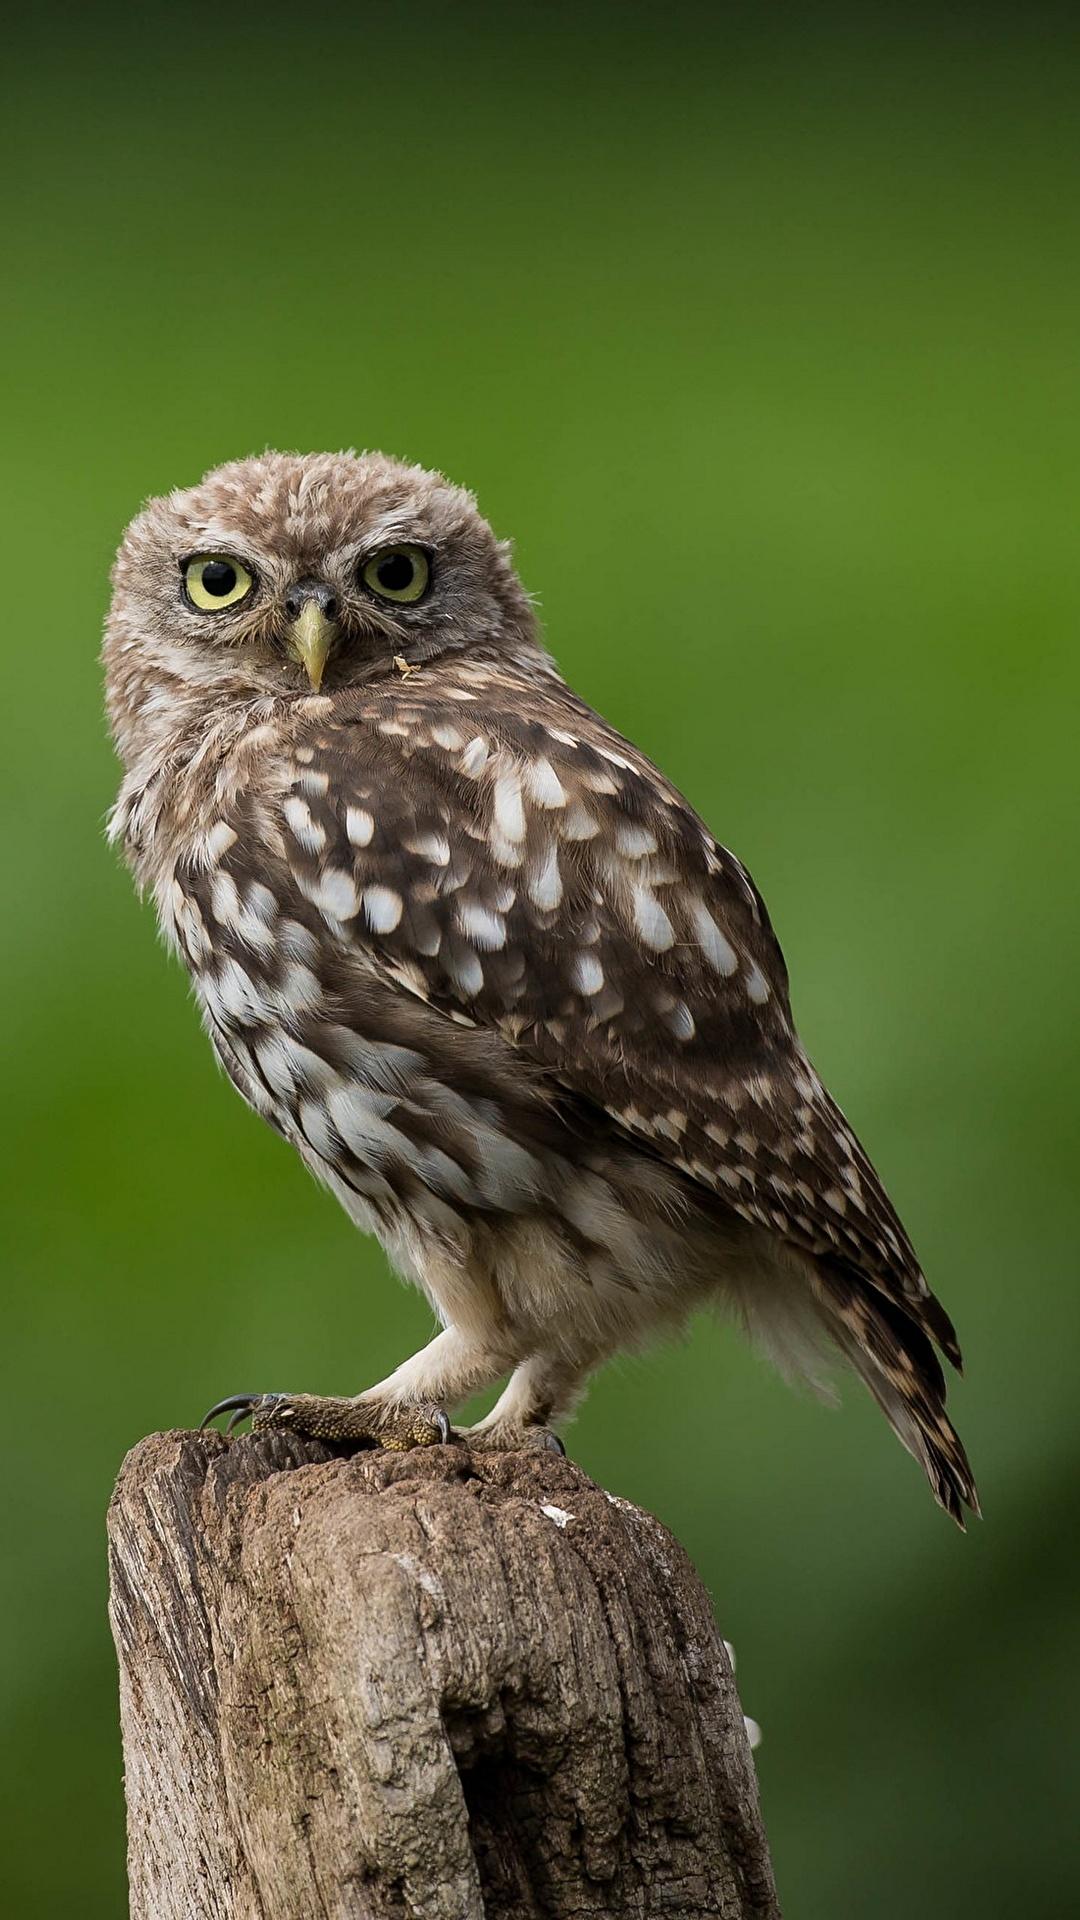 Papeis de parede 1080x1920 Aves Corujas little owl Bokeh Animalia baixar  imagens